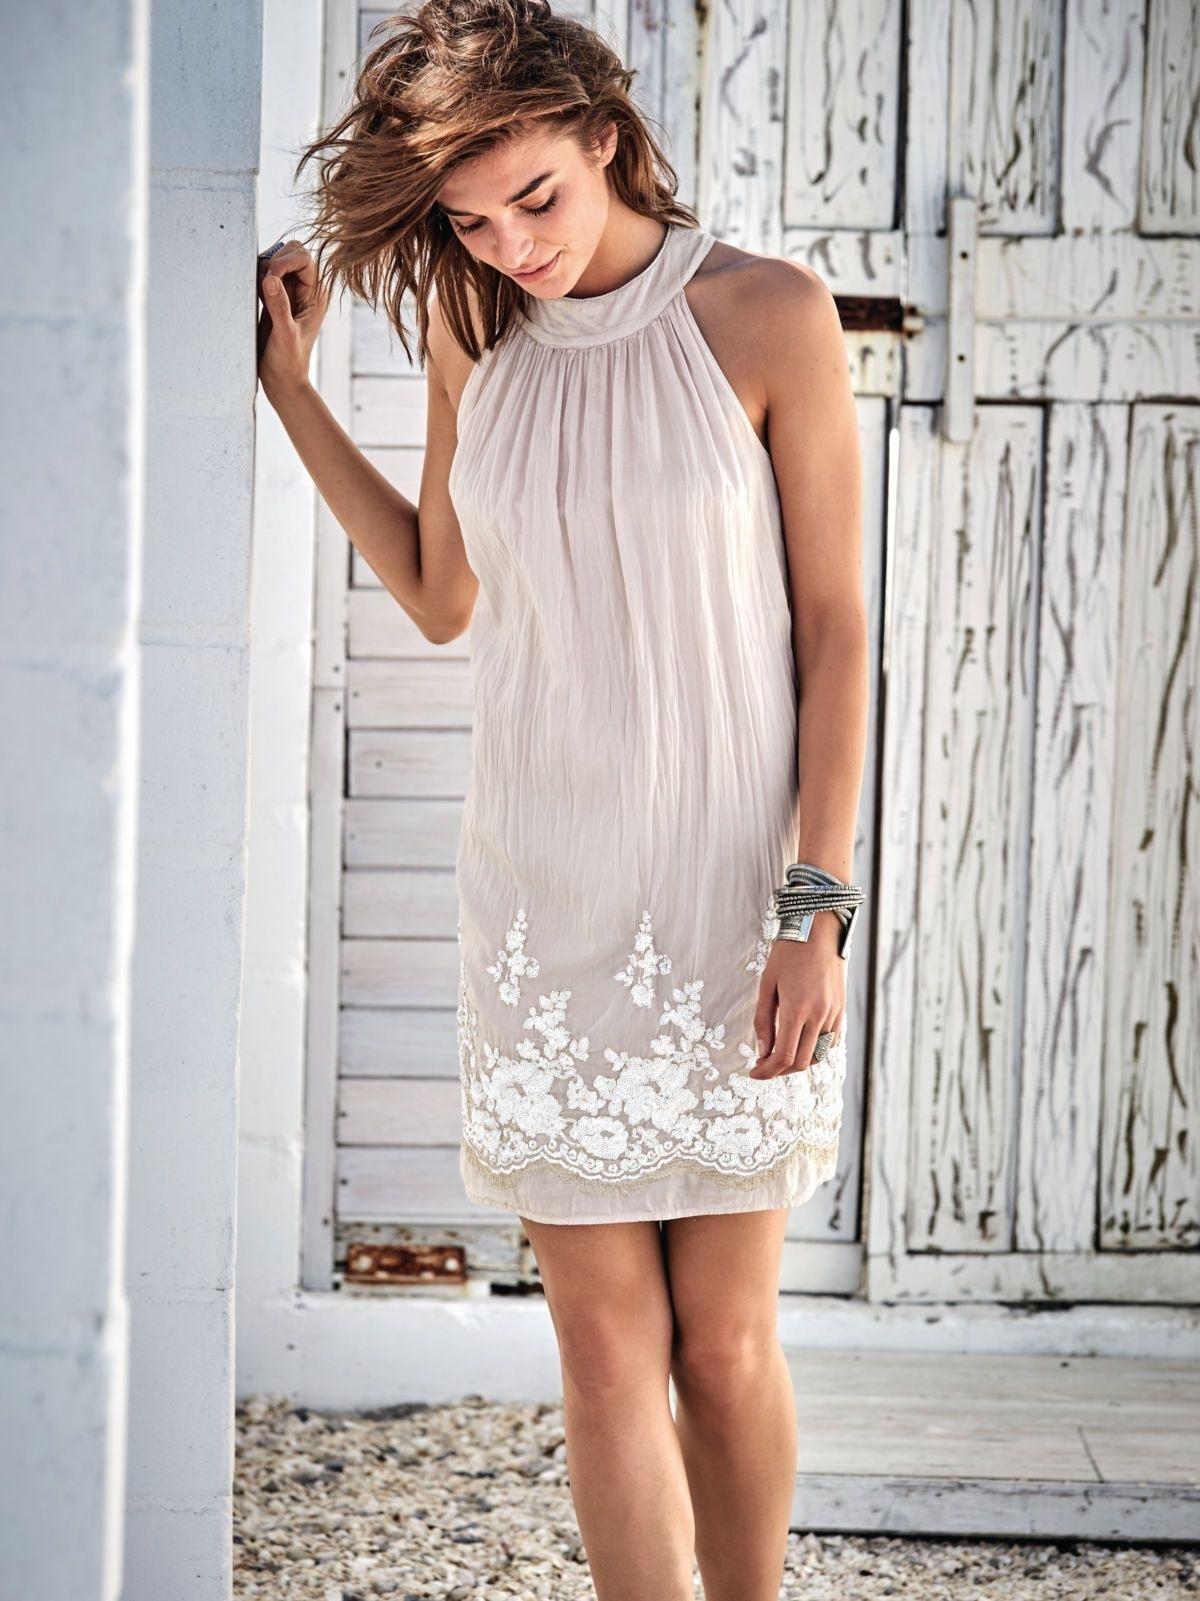 17 Elegant Kleider Hochzeitsgäste Online Shop Spezialgebiet15 Elegant Kleider Hochzeitsgäste Online Shop Boutique